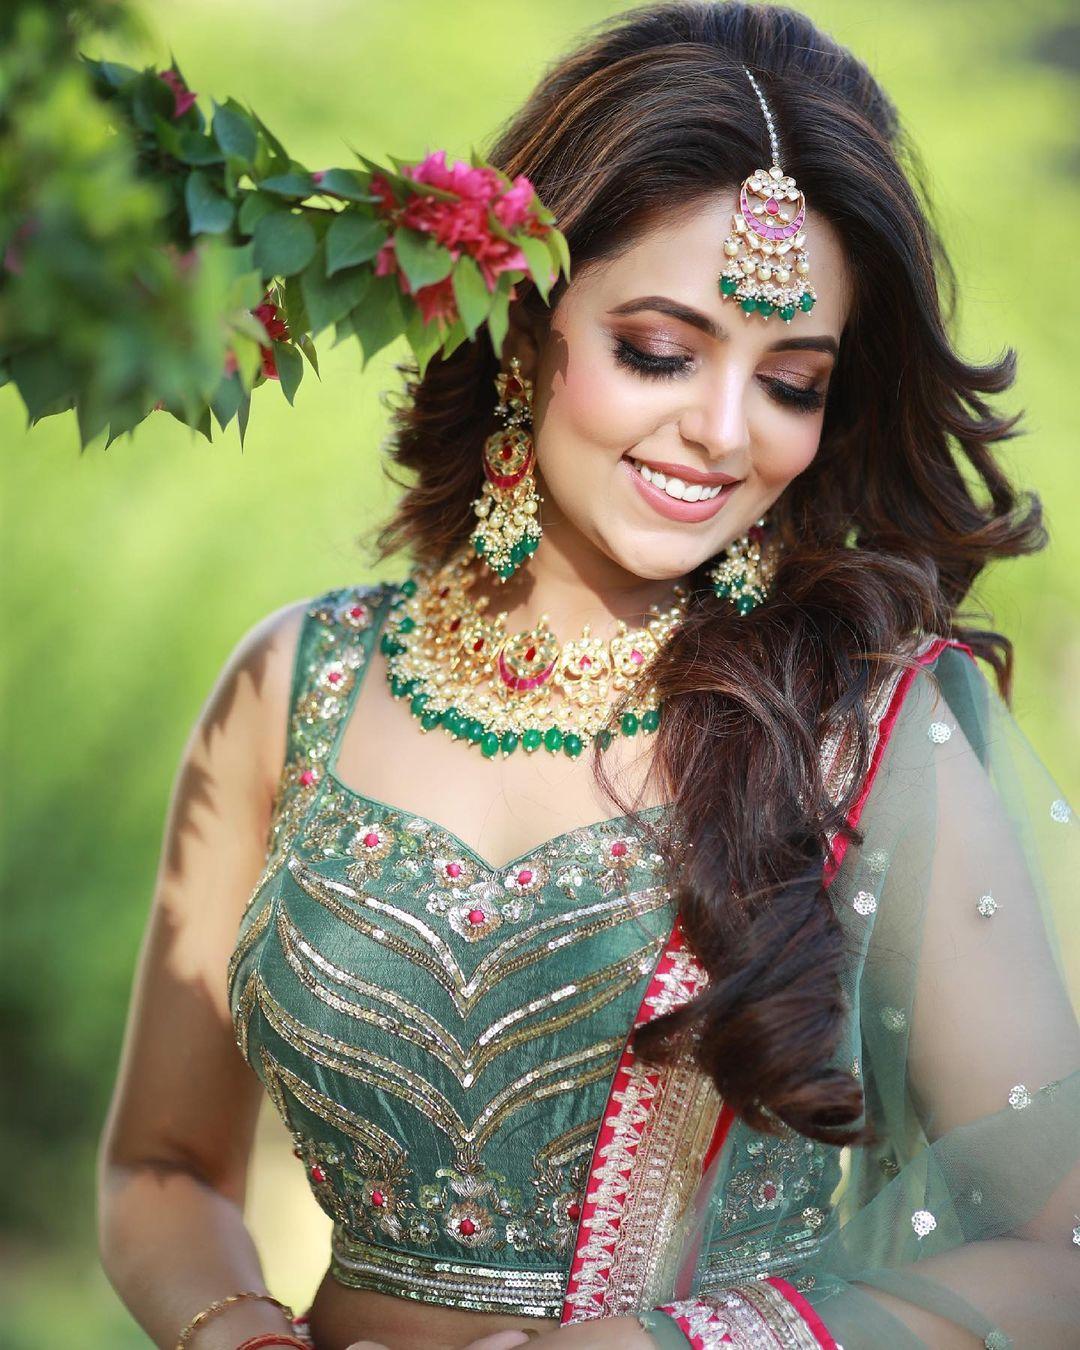 सुगंधाने सुंदर हिरव्या रंगाचा लेहेंगा तिच्या मेहंदीसाठी परिधान केला होता.